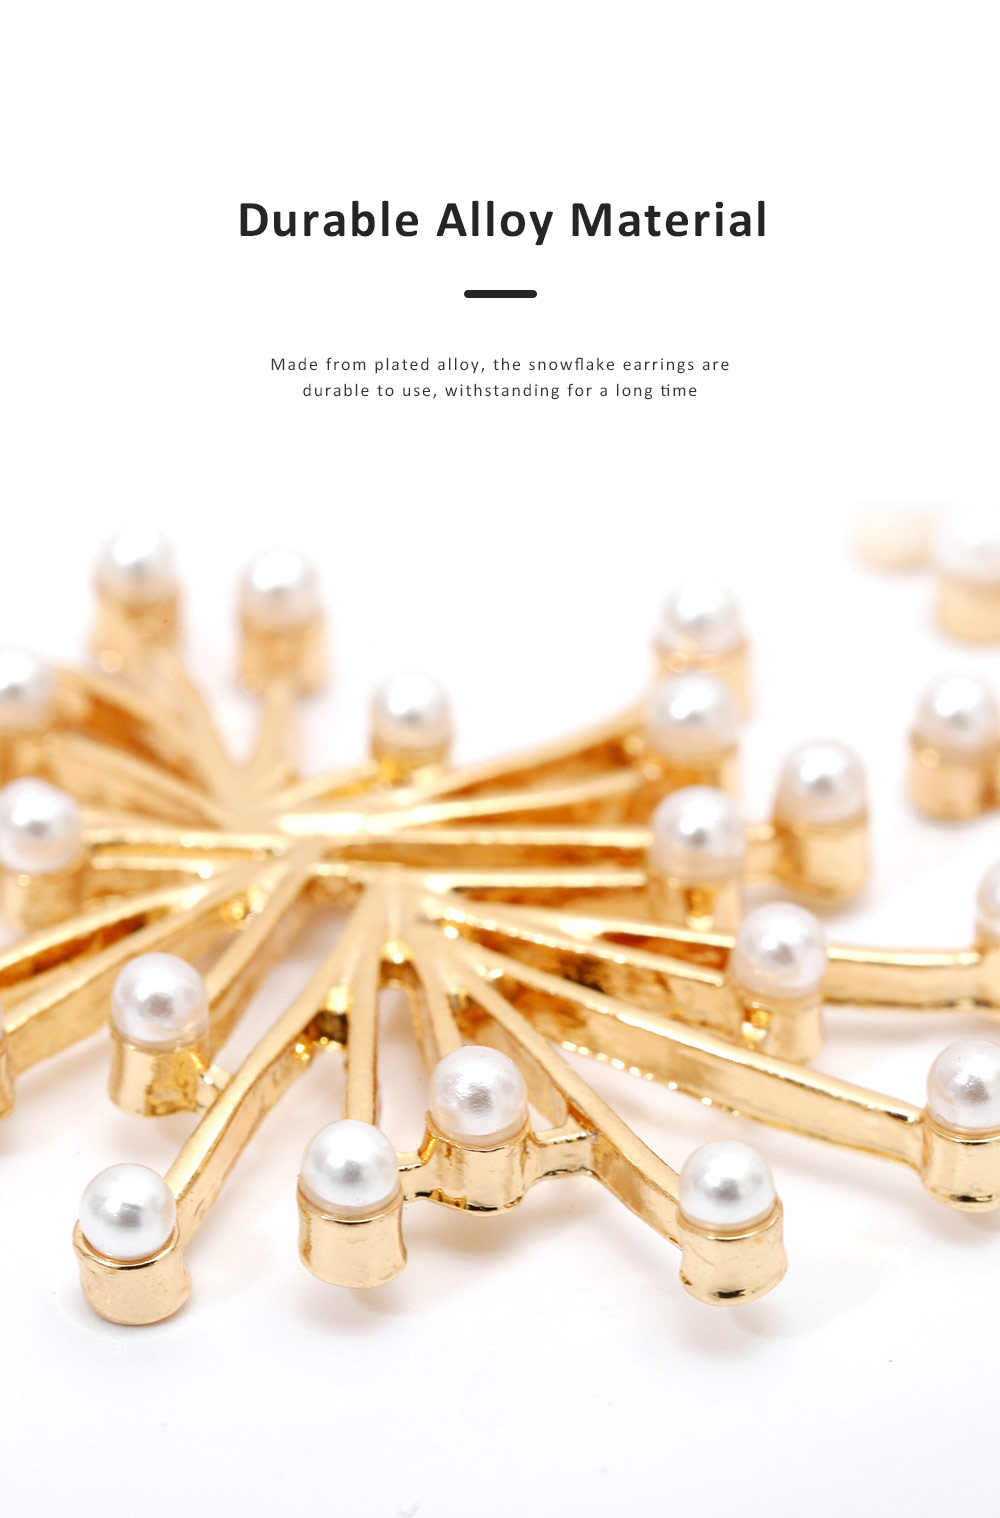 Trendy Alloy Snowflake Earrings Beautiful Ear Decoration Sparkling Stud Earring for Women Girls 4